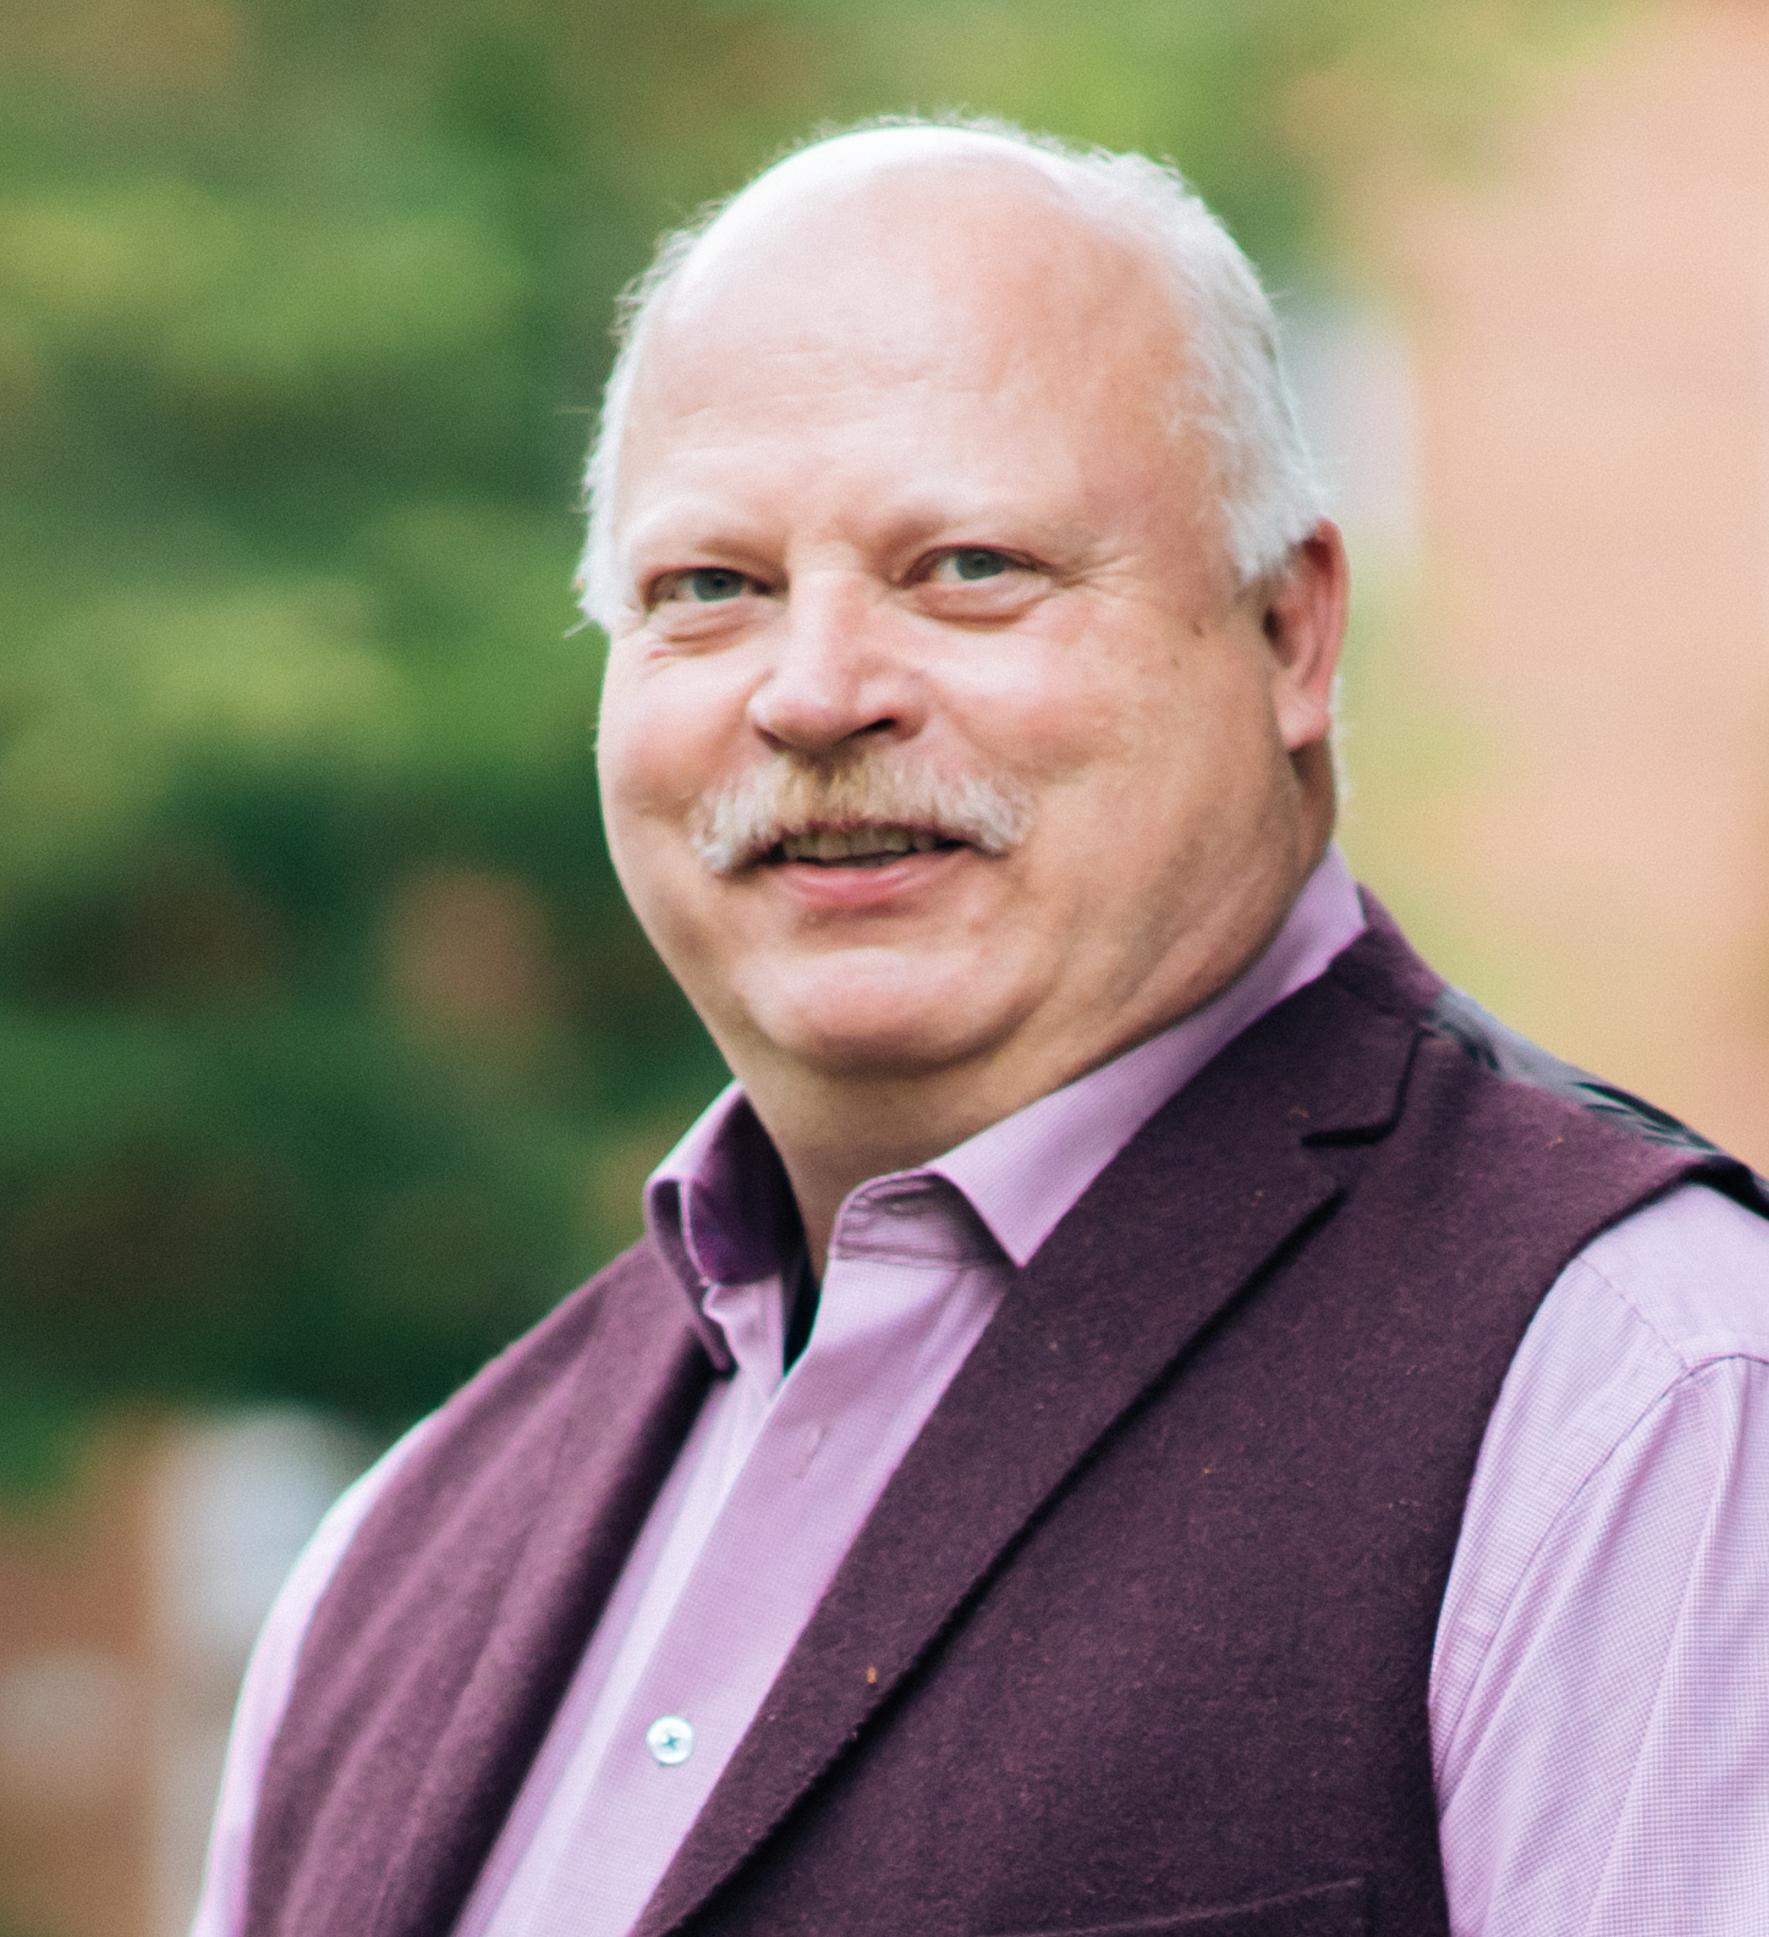 Pastor Hartmut Wensch